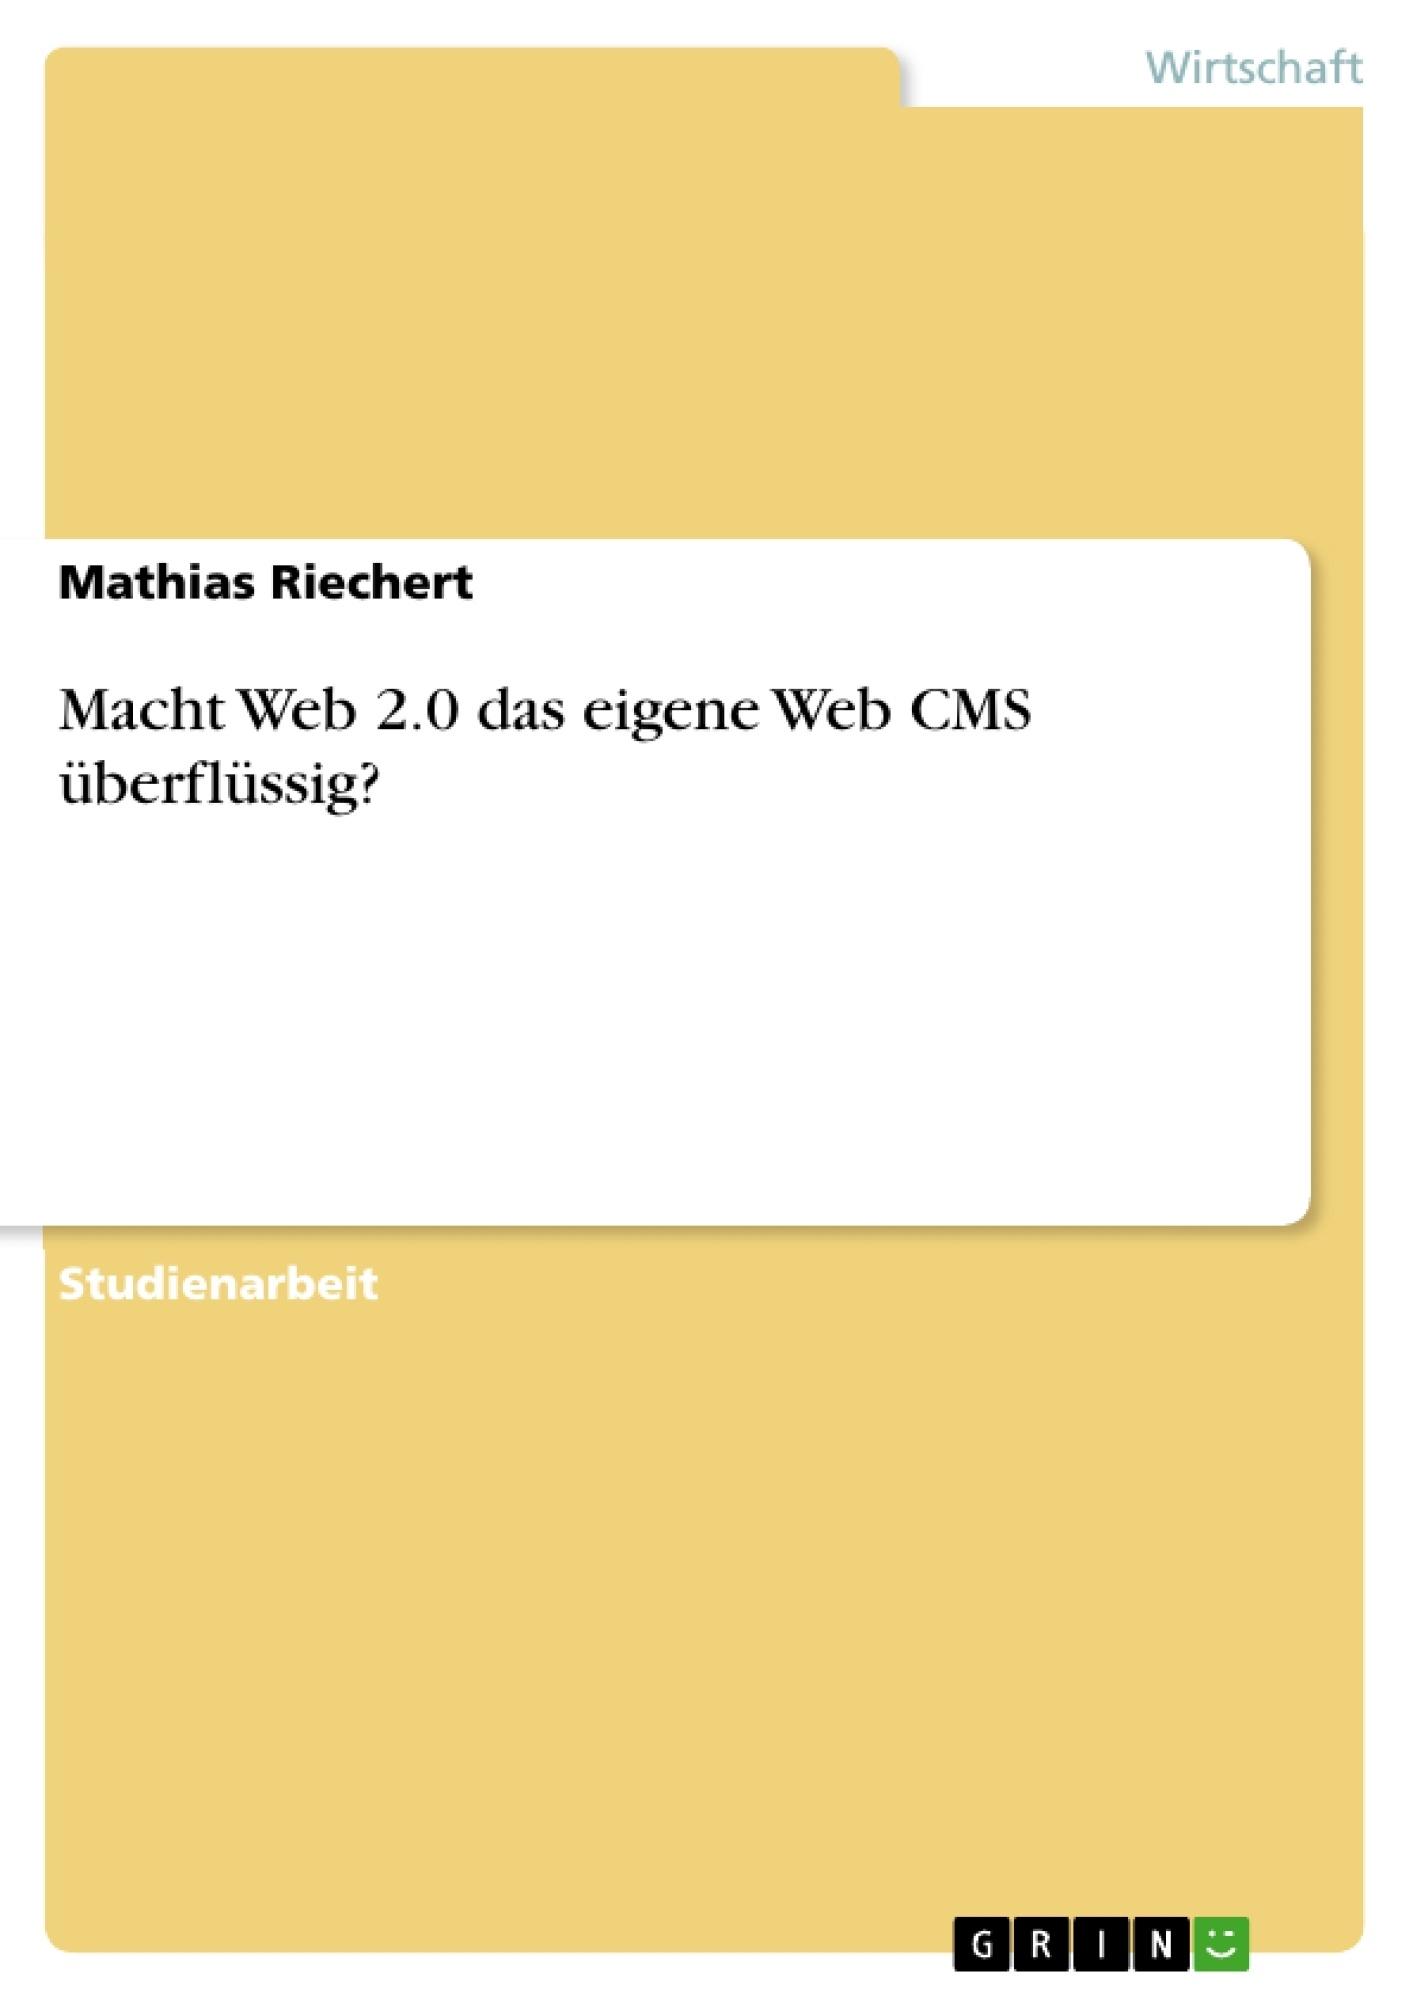 Titel: Macht Web 2.0 das eigene Web CMS überflüssig?